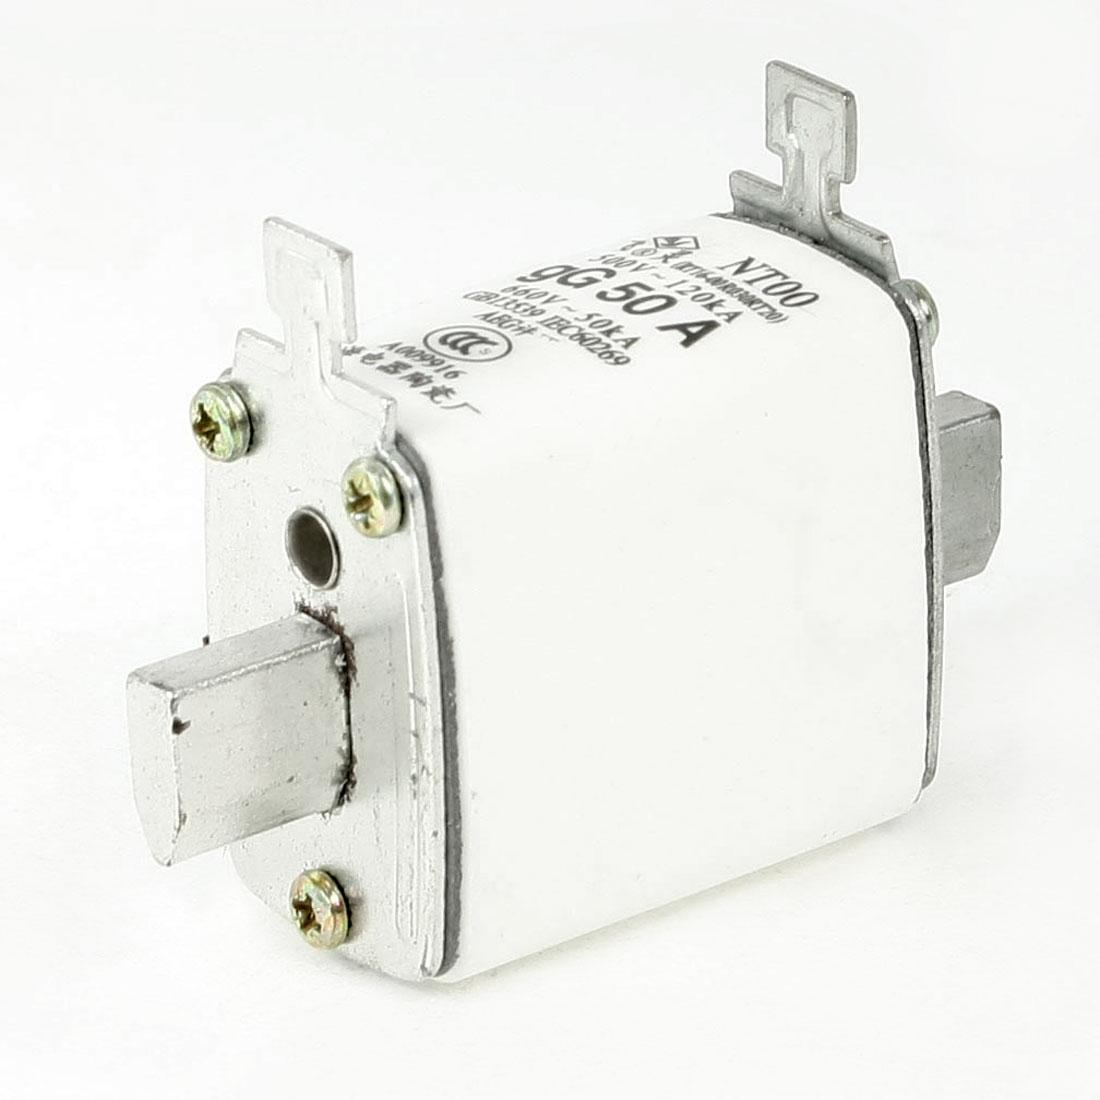 500V 120kA 660V 50kA gG 50A Contact Ceramic Fuse Link NT00